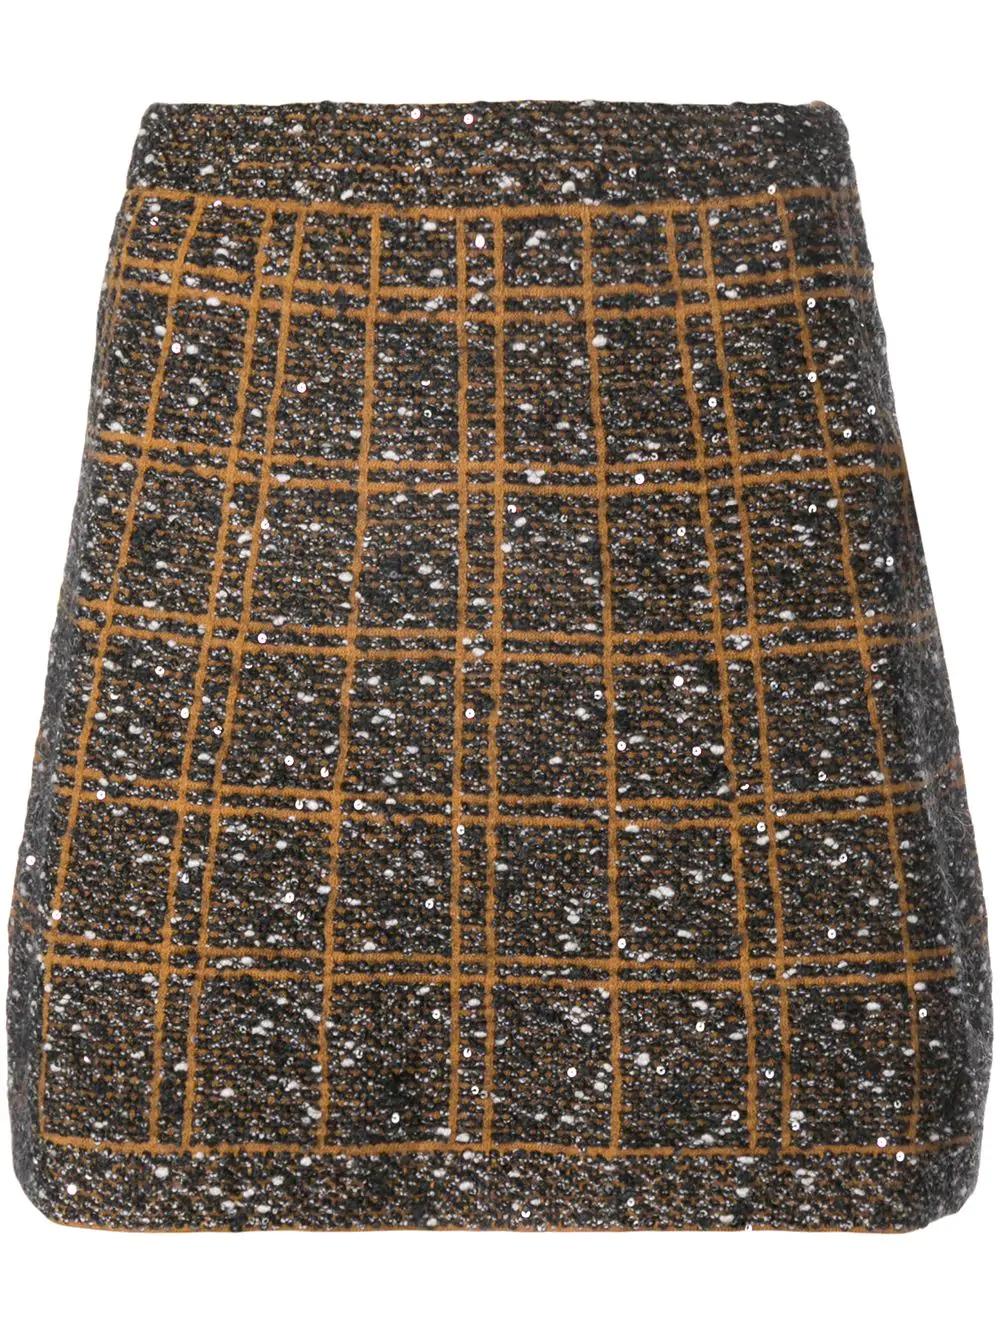 D.exterior Sequin Embellished Skirt - Black